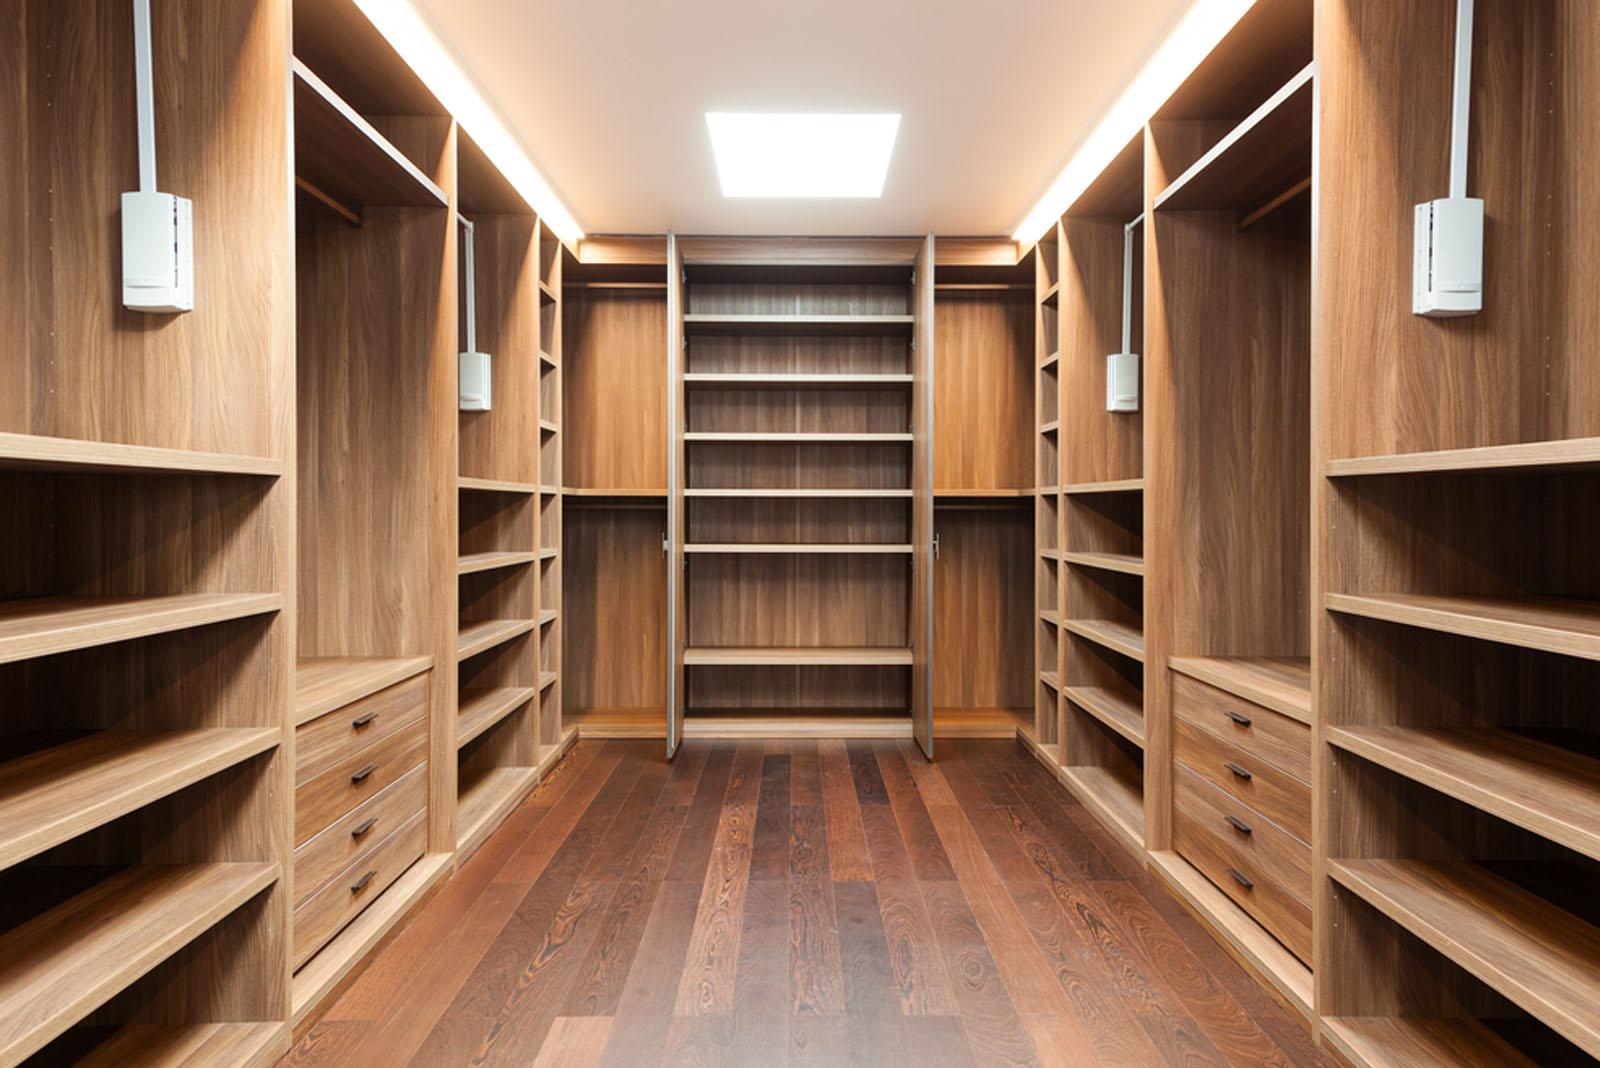 wardrobe bedroom kincir bali WP 5